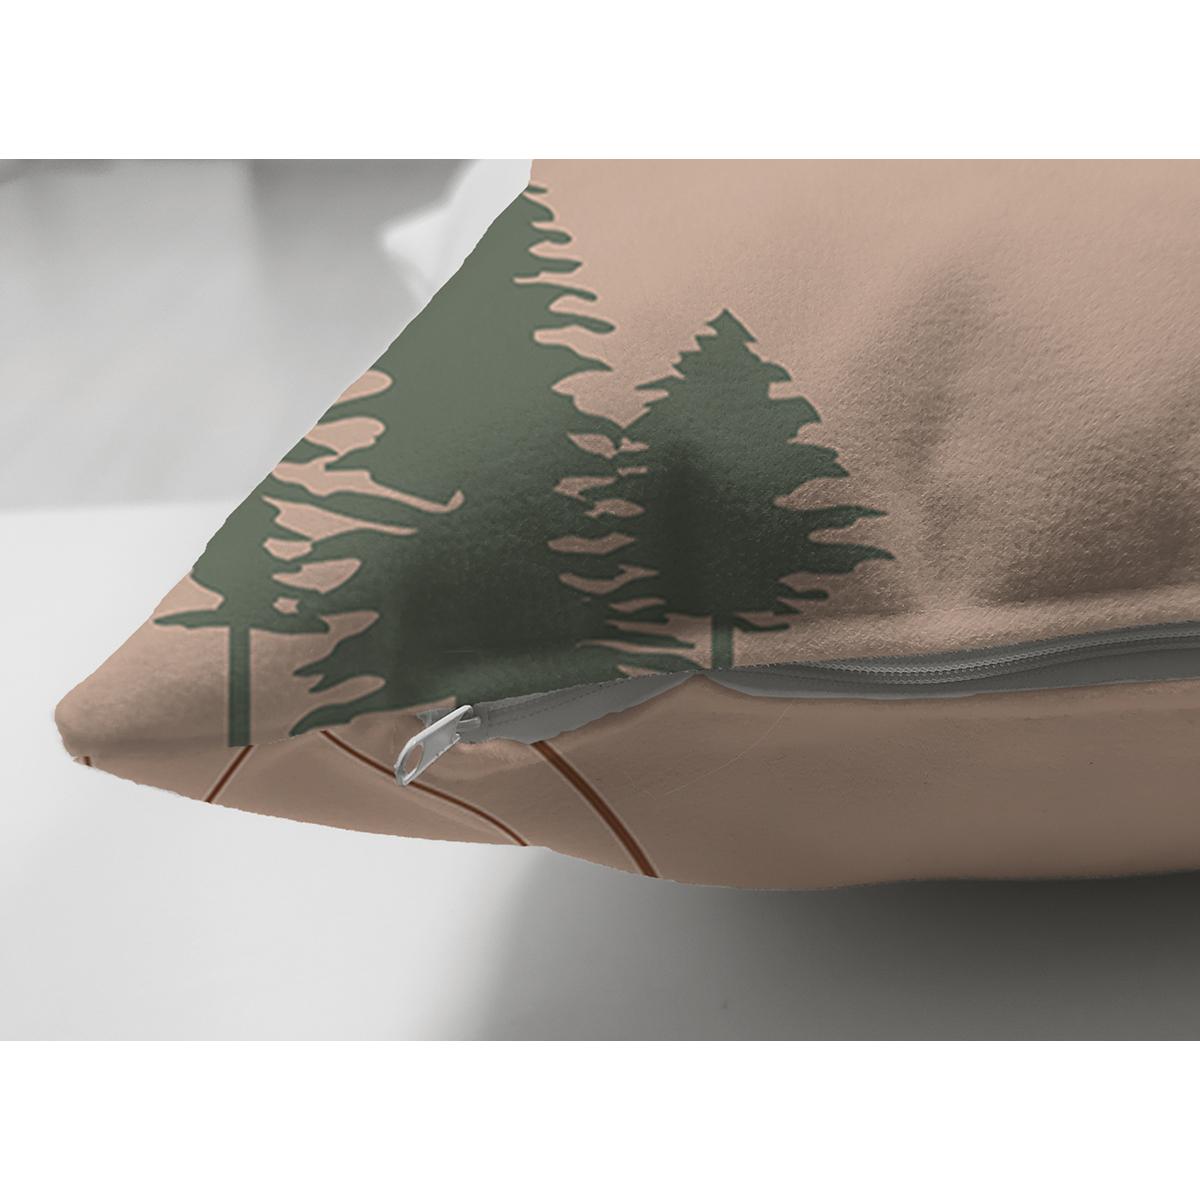 Çift Taraflı Pastel Renkli Onedraw Yaprak Resimli Dijital Baskılı Modern Süet Yastık Kırlent Kılıfı Realhomes